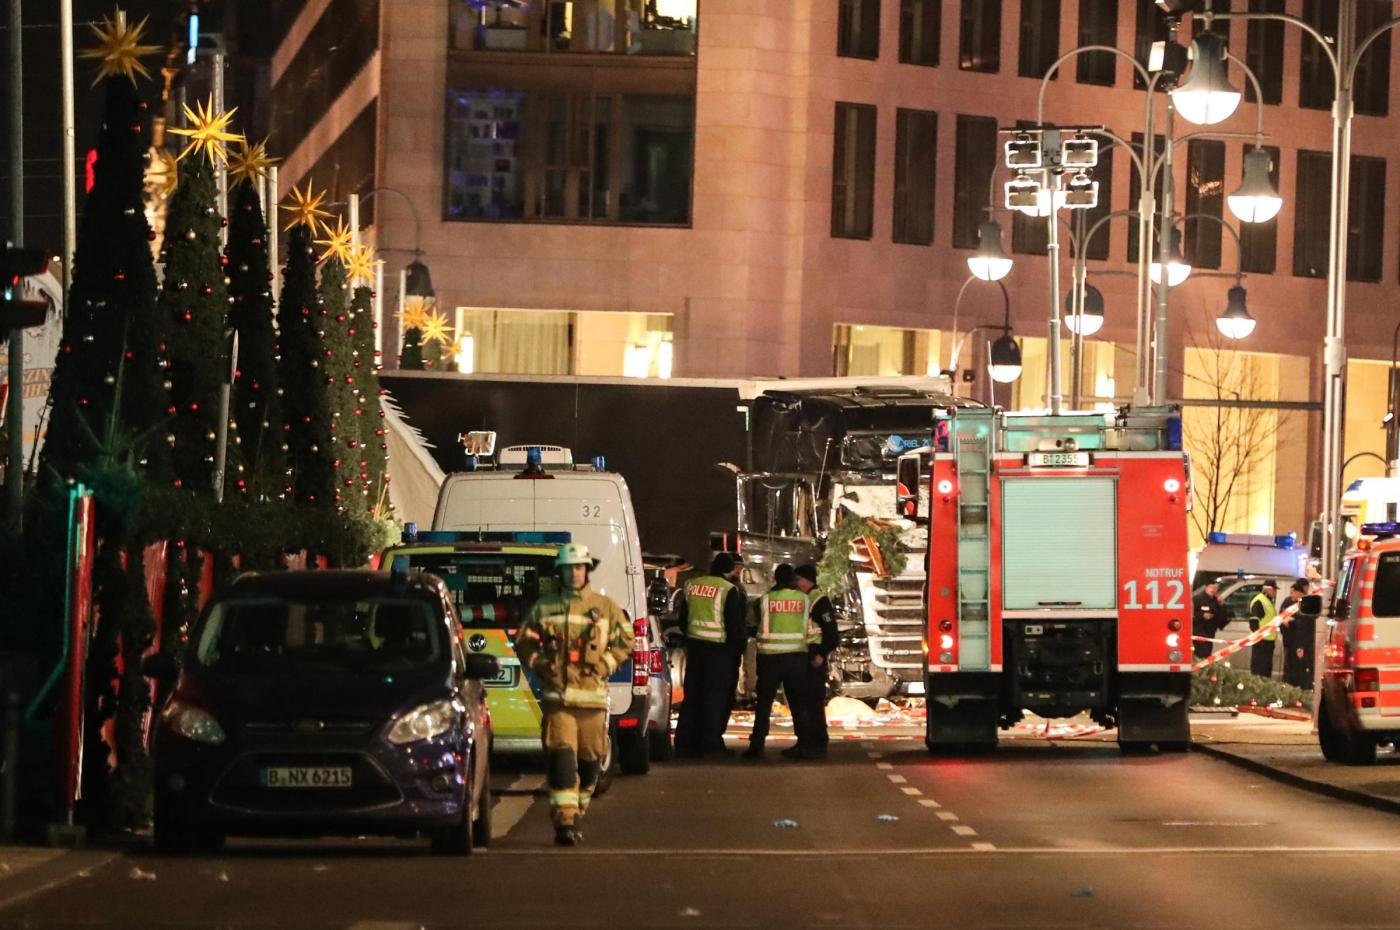 Attentato a Berlino: chi è l'eroe che ha fermato l'attentatore